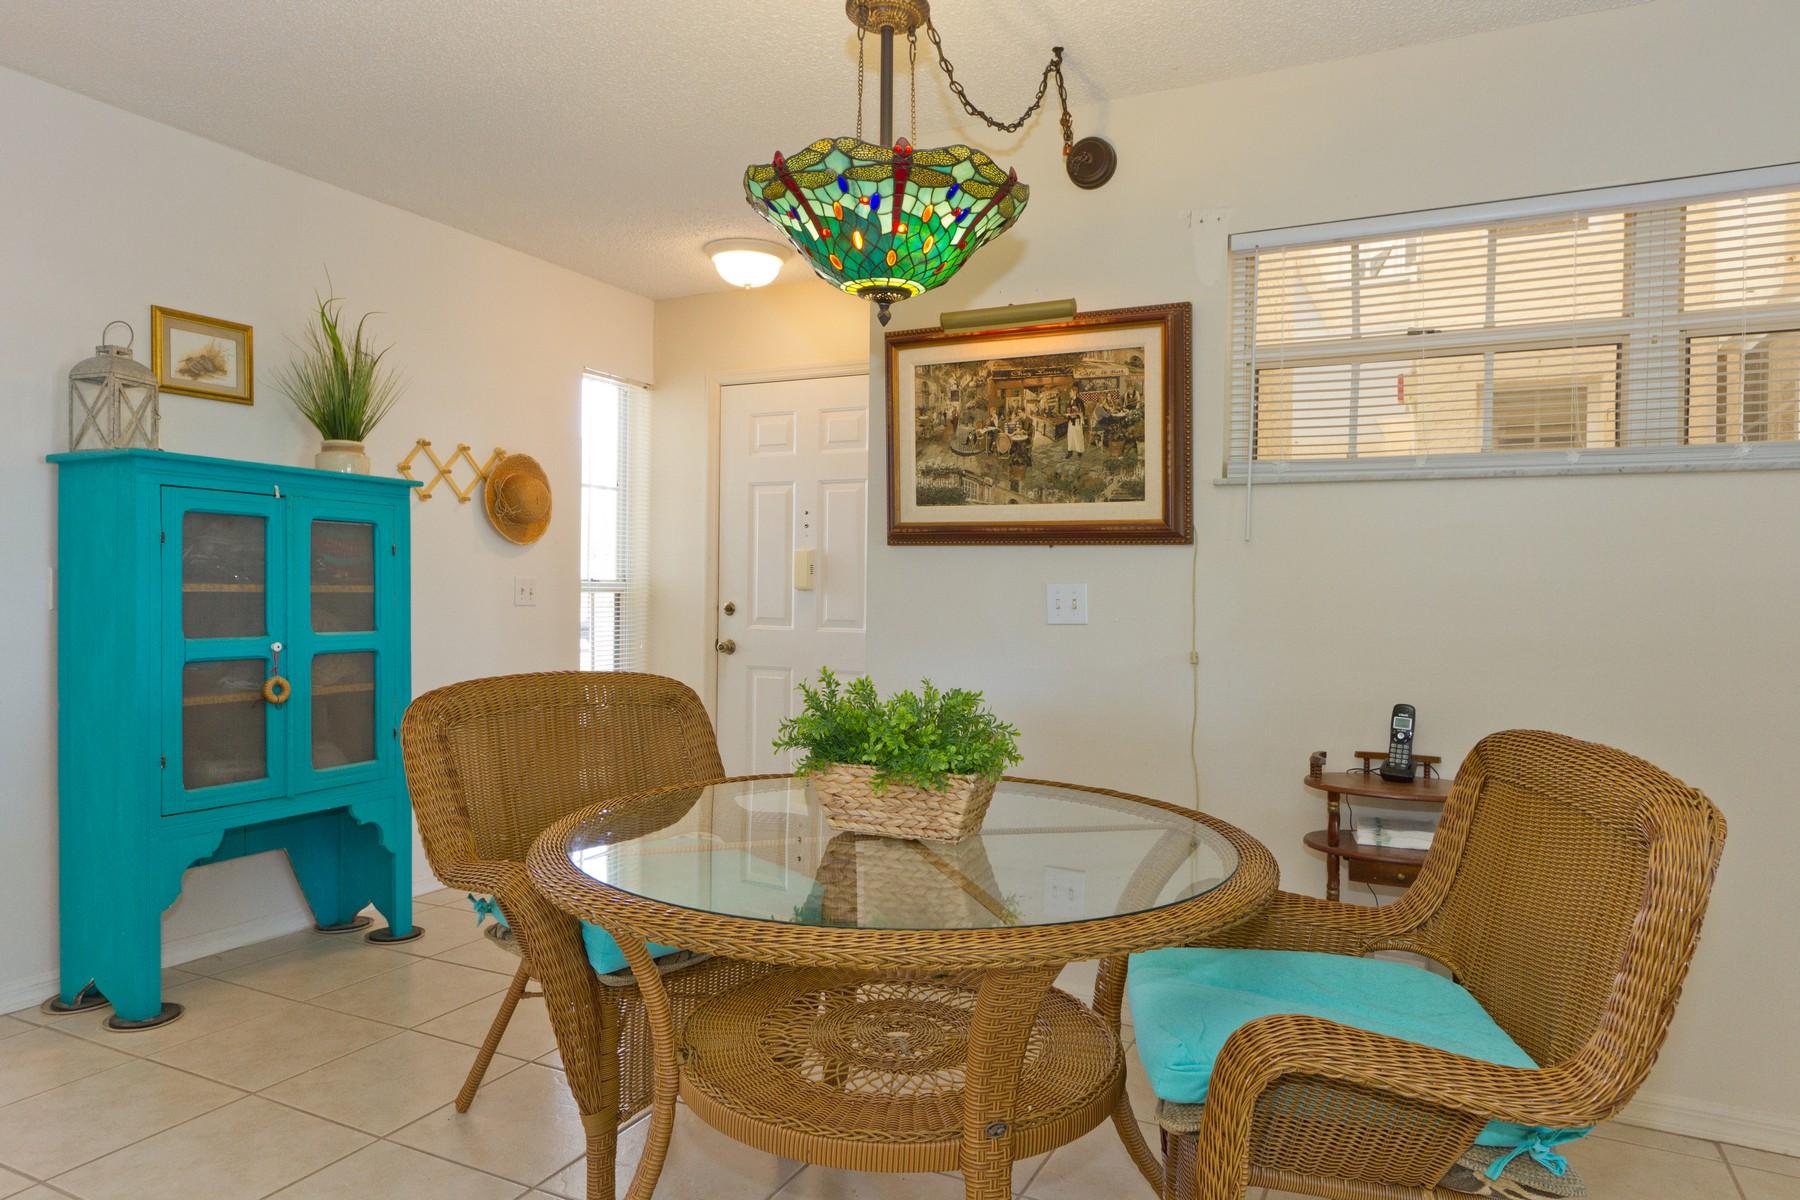 First Floor End-Unit Condo with Lake View! 466 Grove Isle Circle Unit 466 Vero Beach, Florida 32962 Estados Unidos